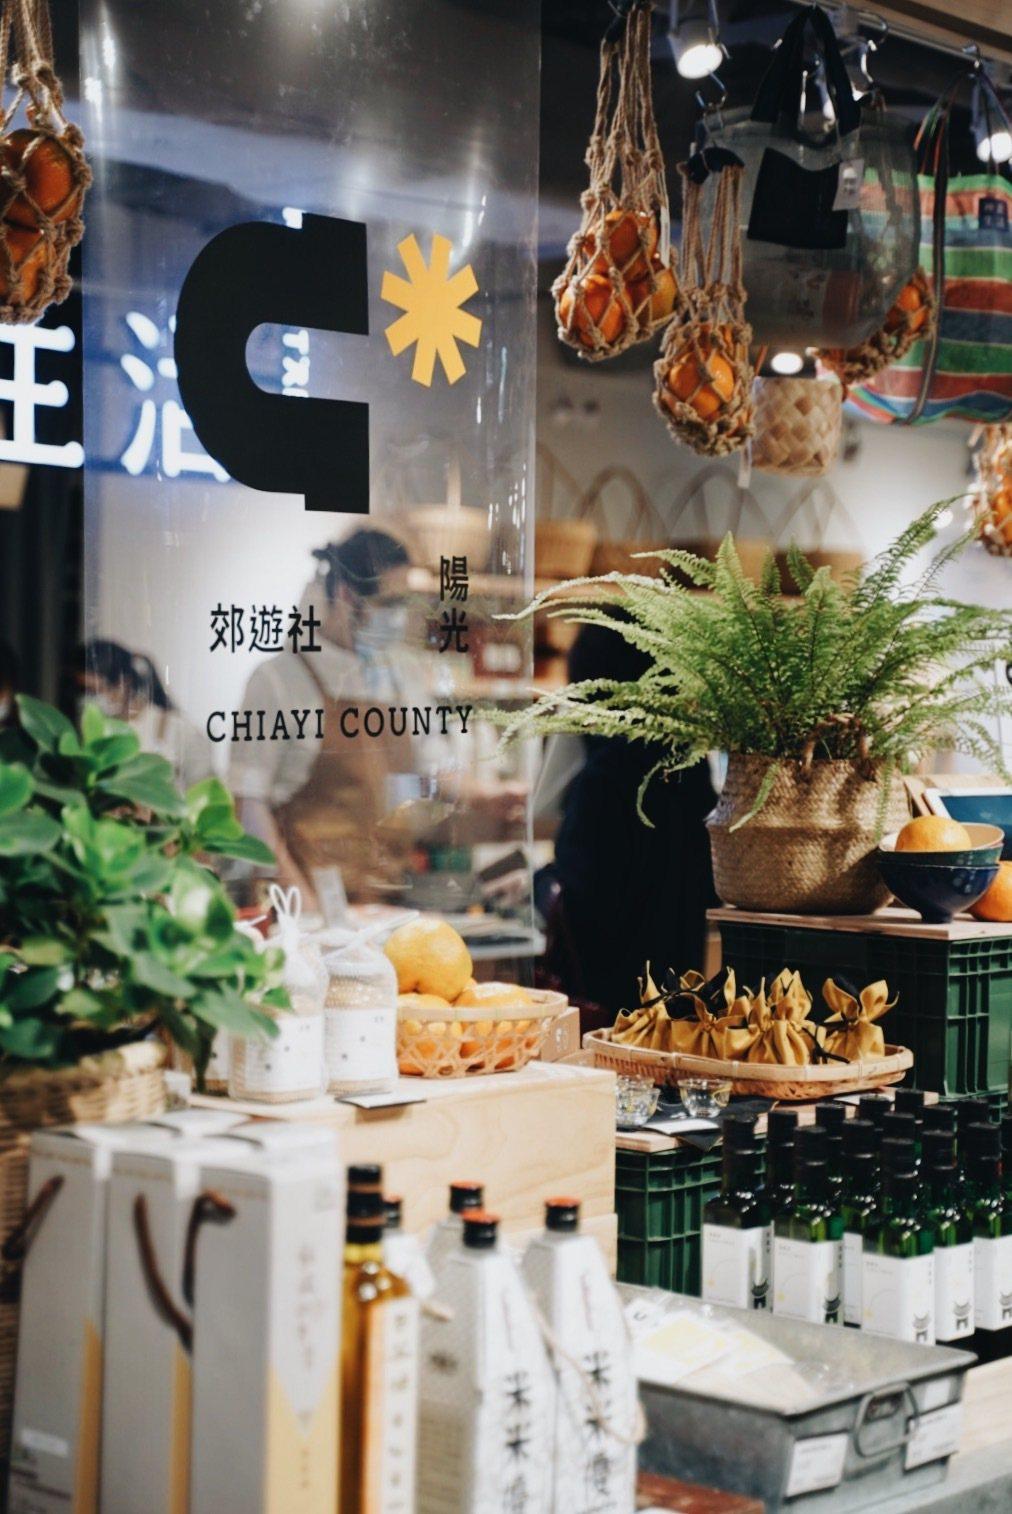 嘉義陽光郊遊社挑選南笨港在地出產麻油與五穀麵線、茶山香糖等在地好物進駐神農生活。...